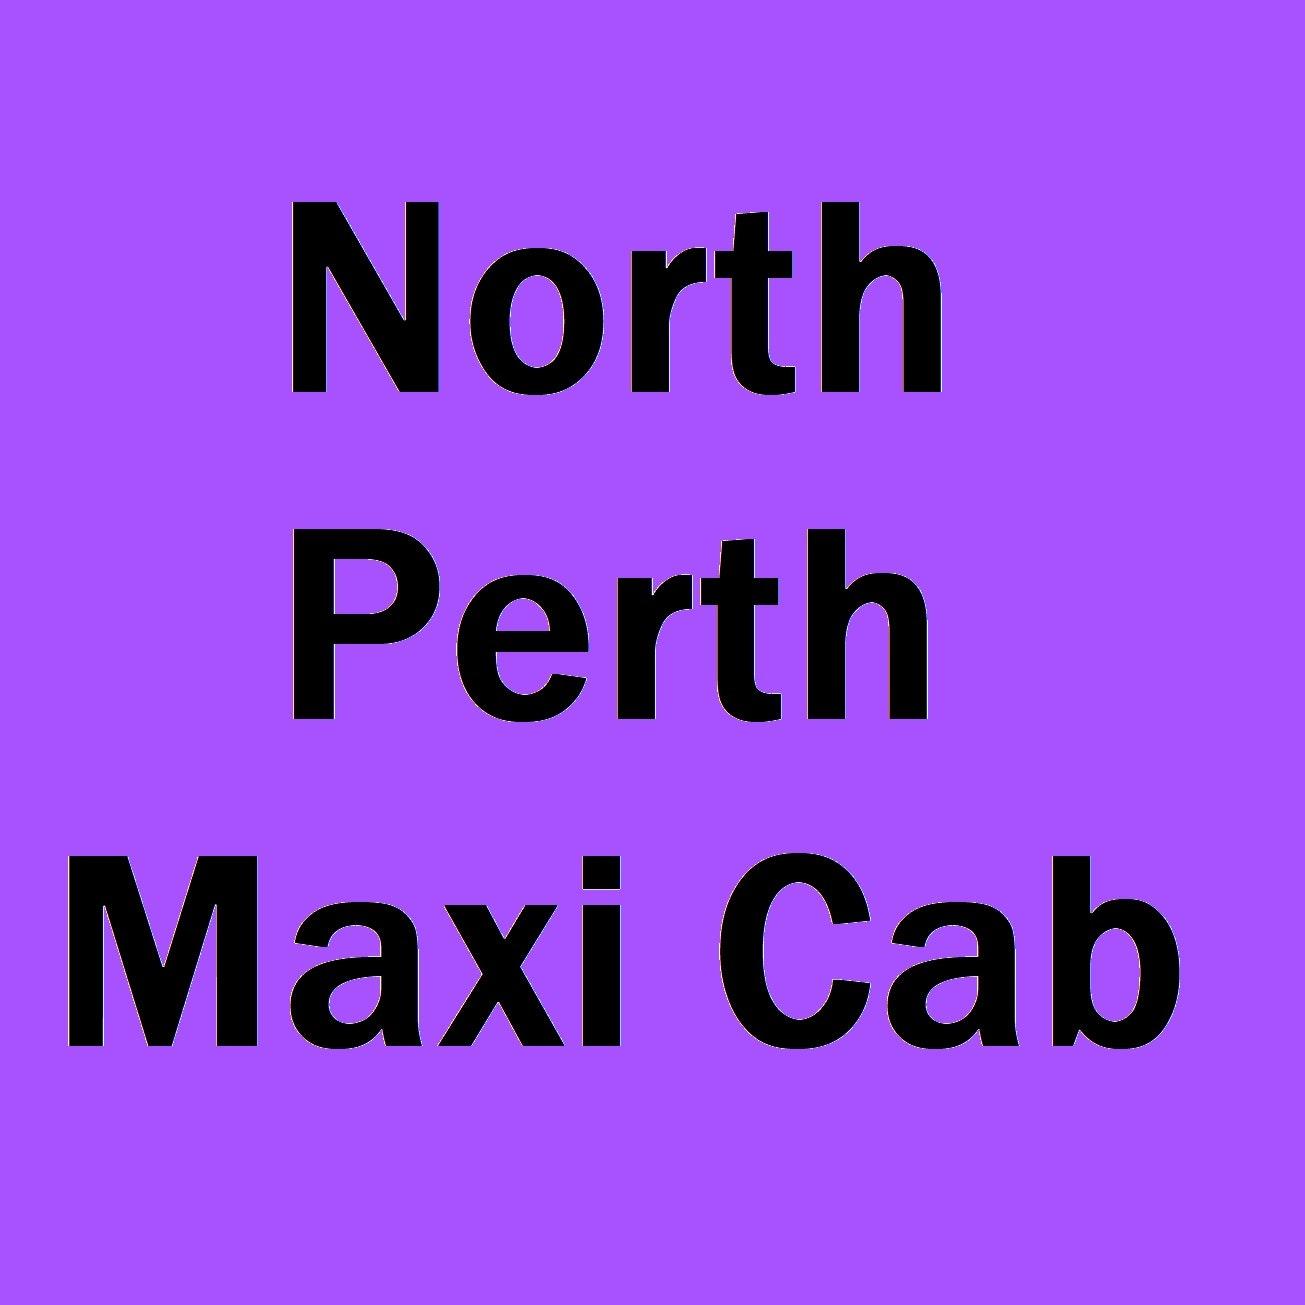 North Perth Maxi Cab